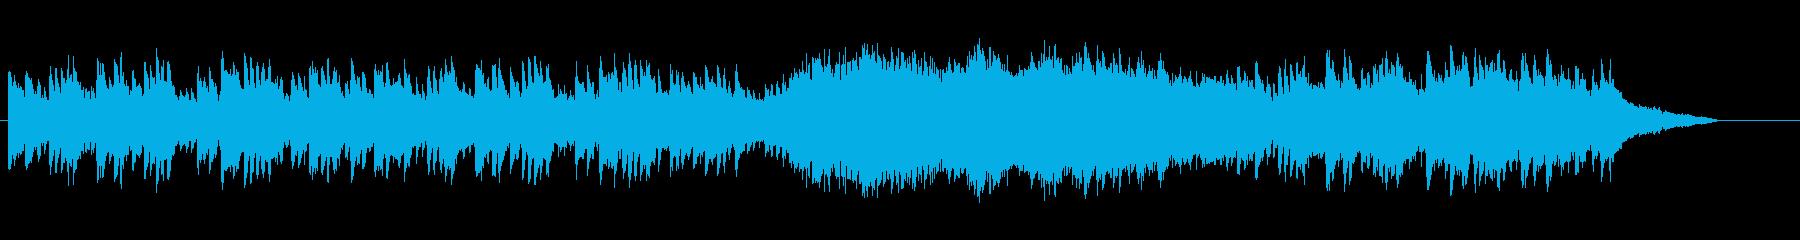 夕暮の気だるくセンチなアコースティックの再生済みの波形